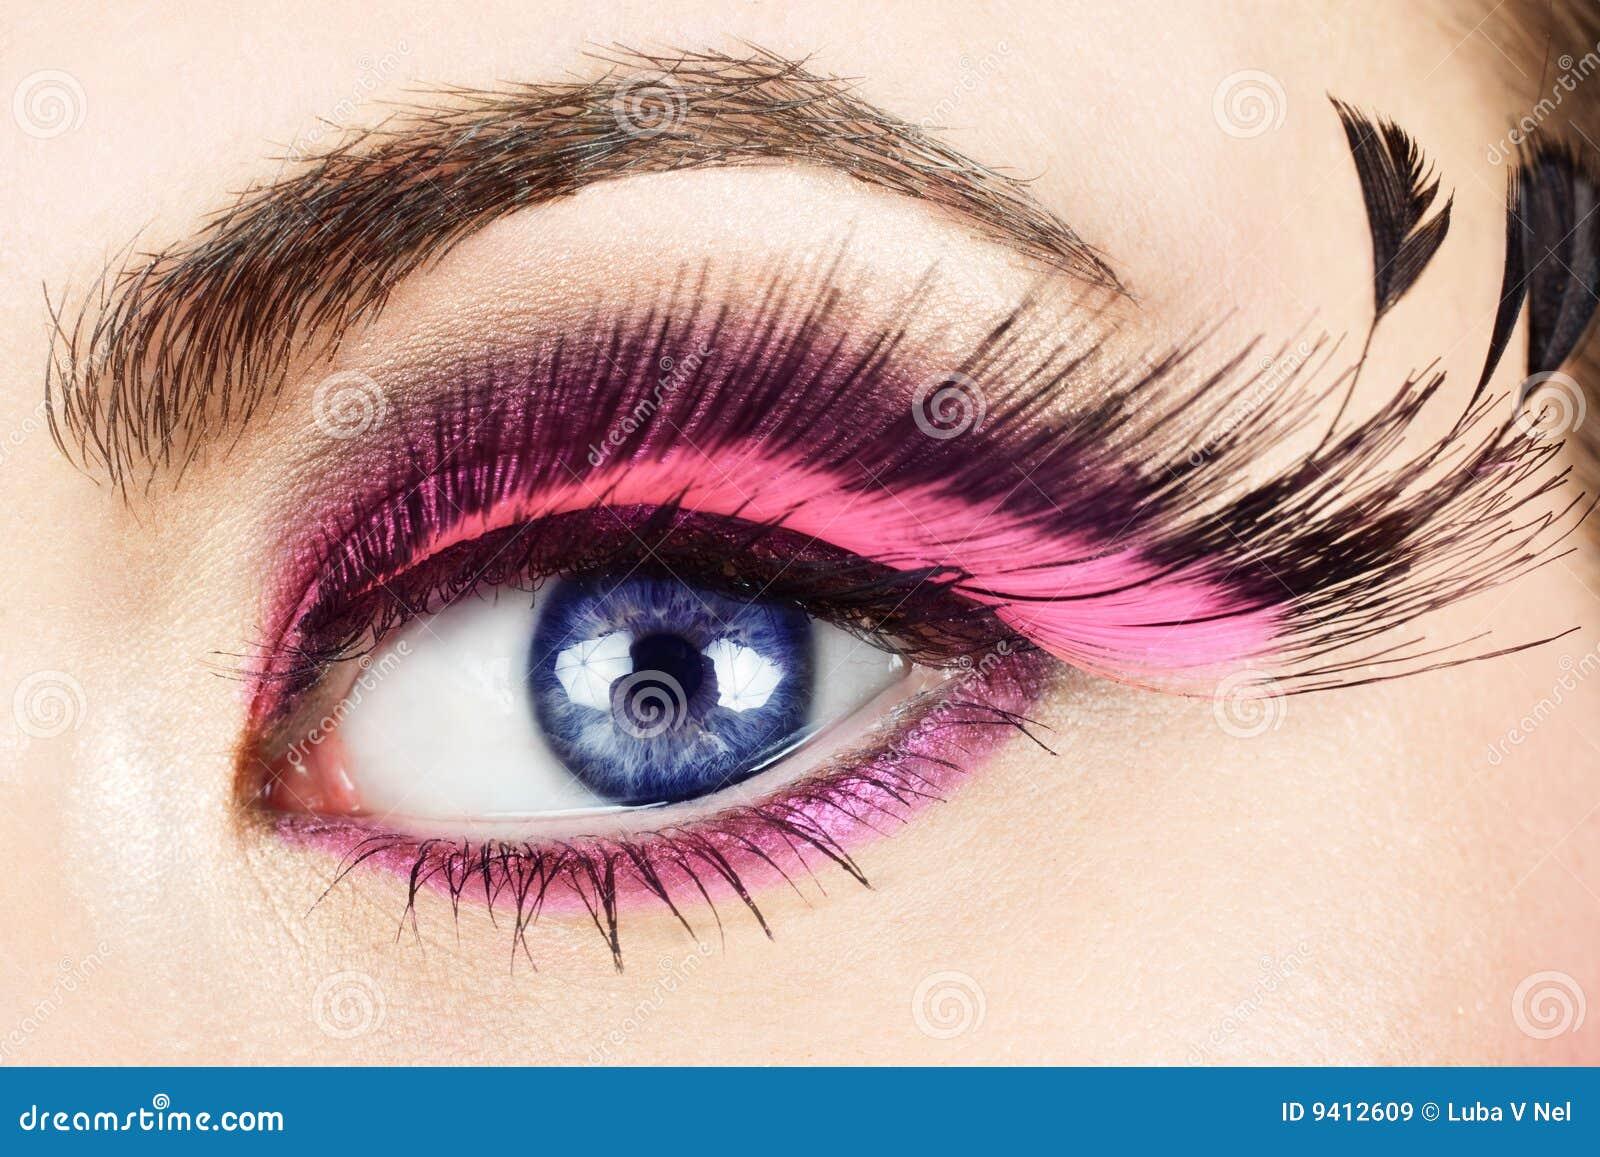 0d5b09fe56e Macro Of Eye With Fake Eyelashes. Stock Image - Image of bright ...